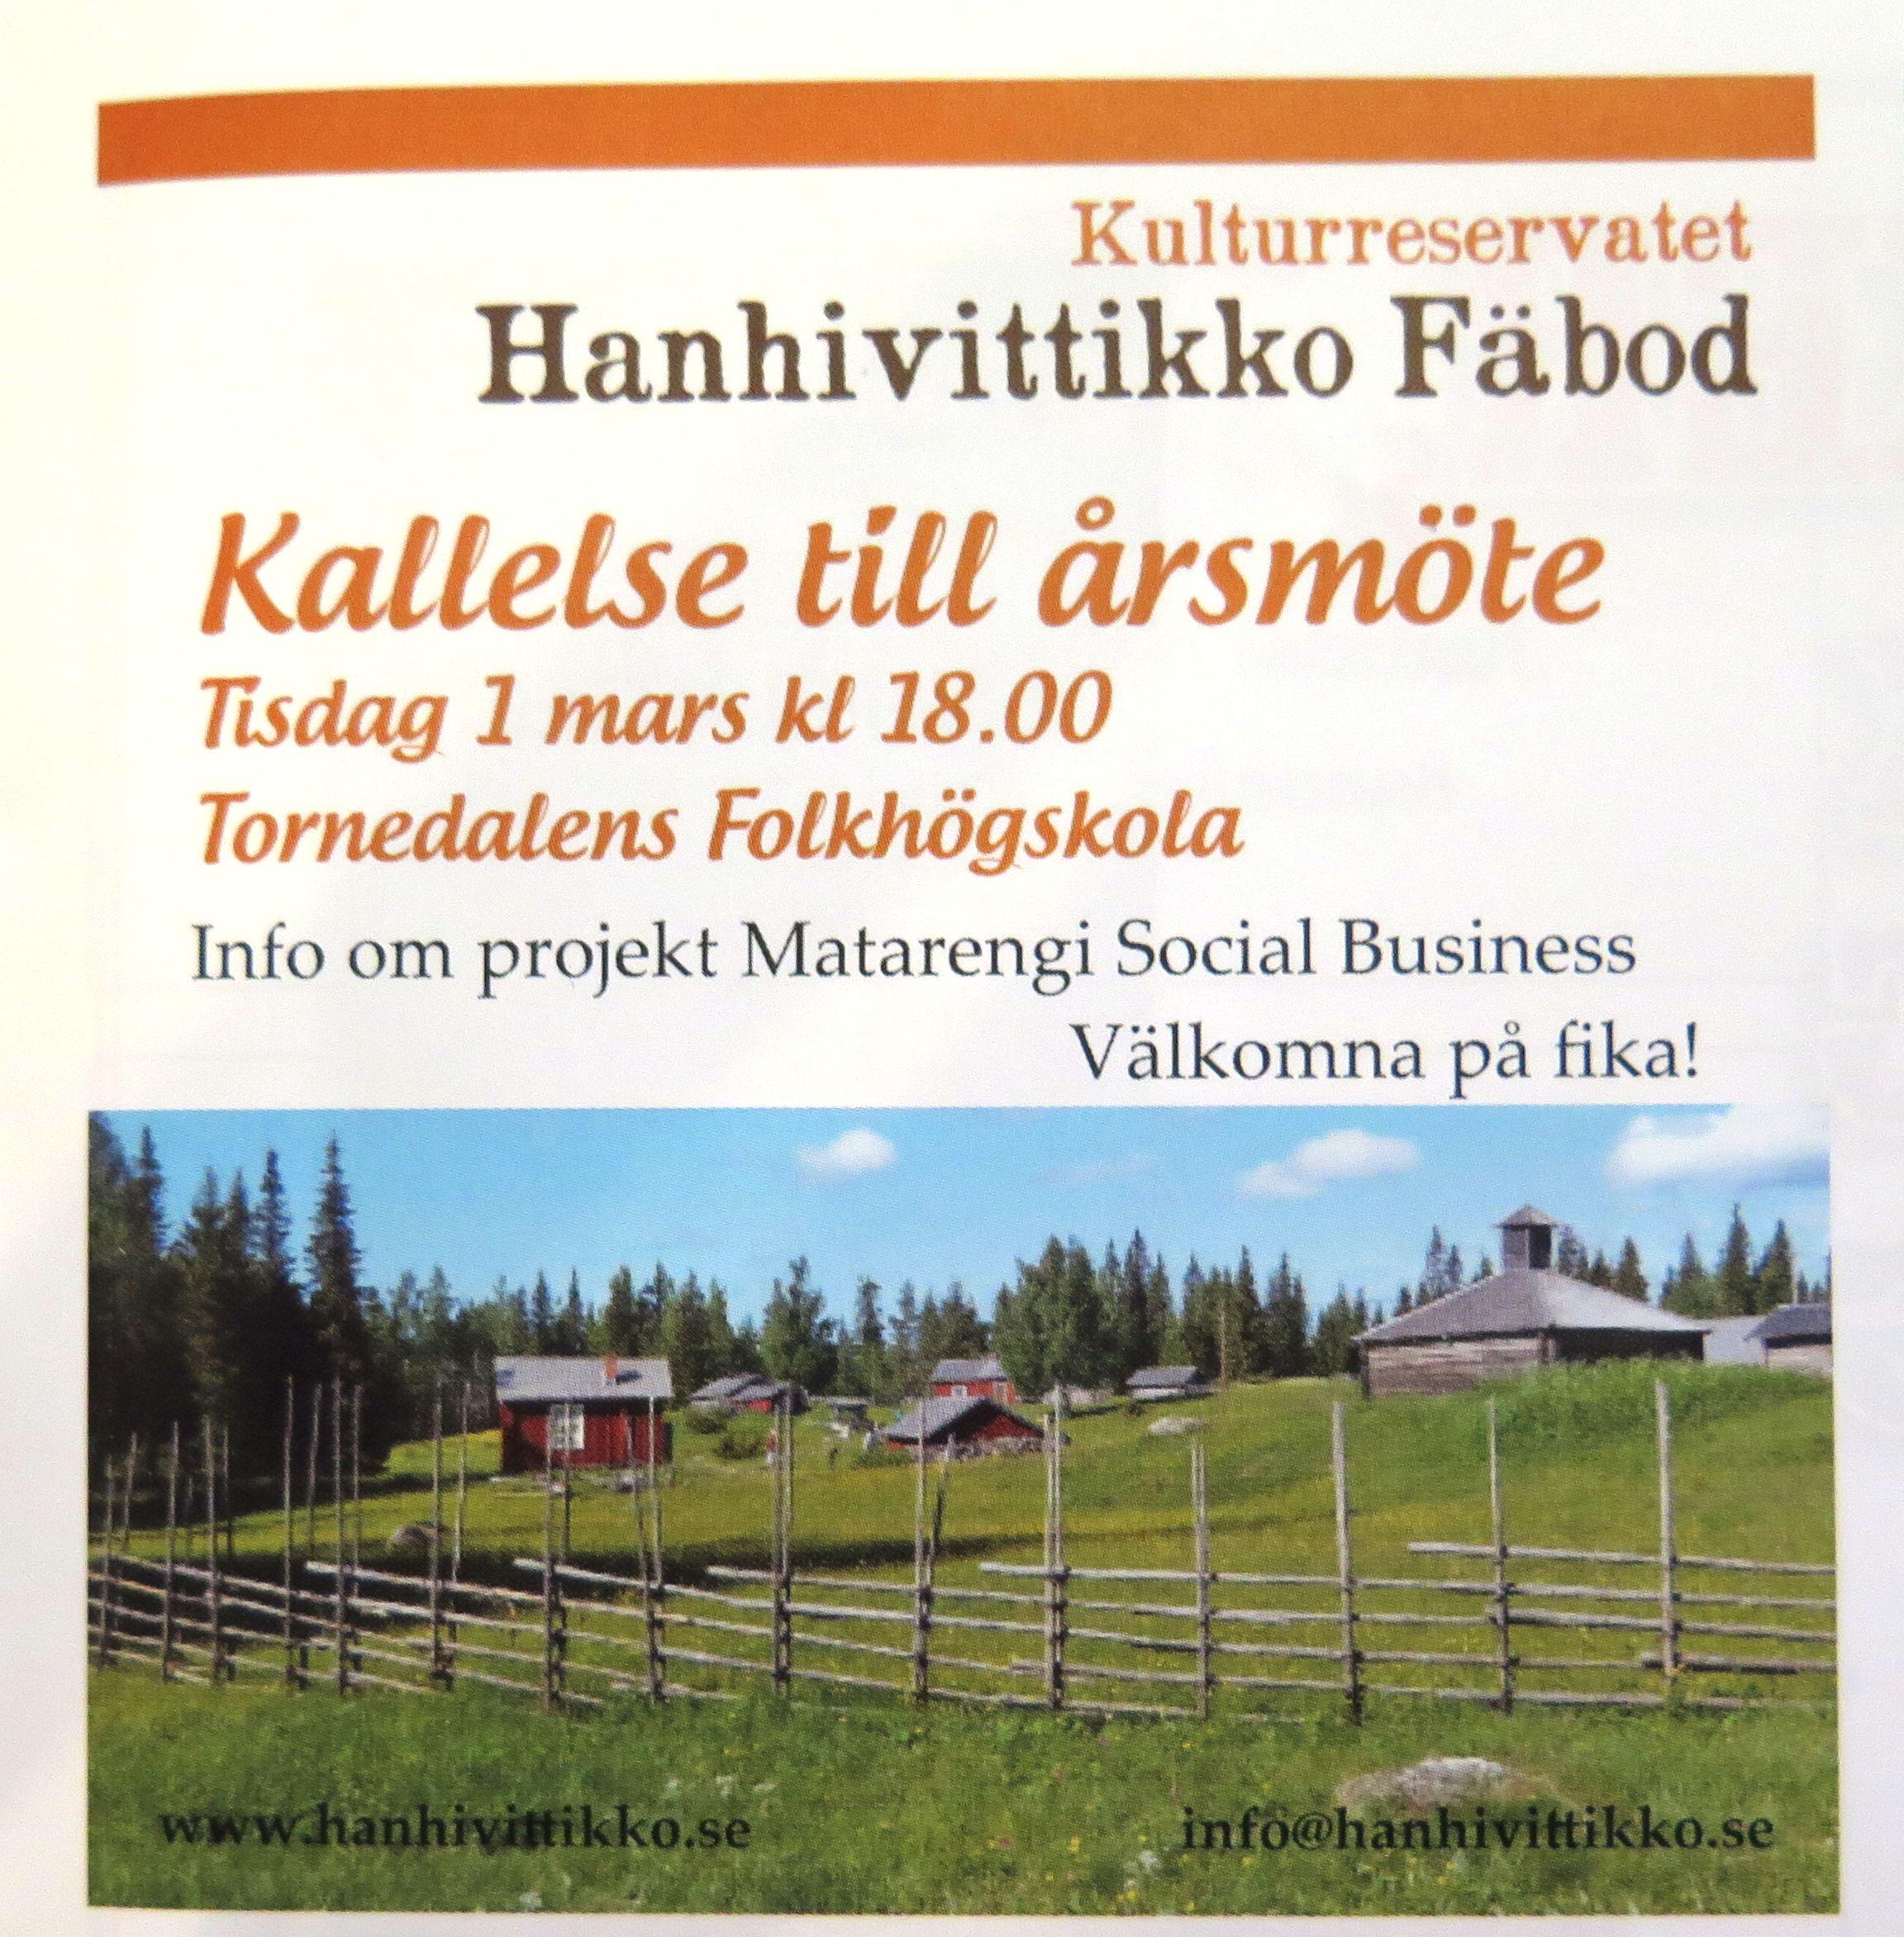 kallelse_hanhivittikko_img_1597